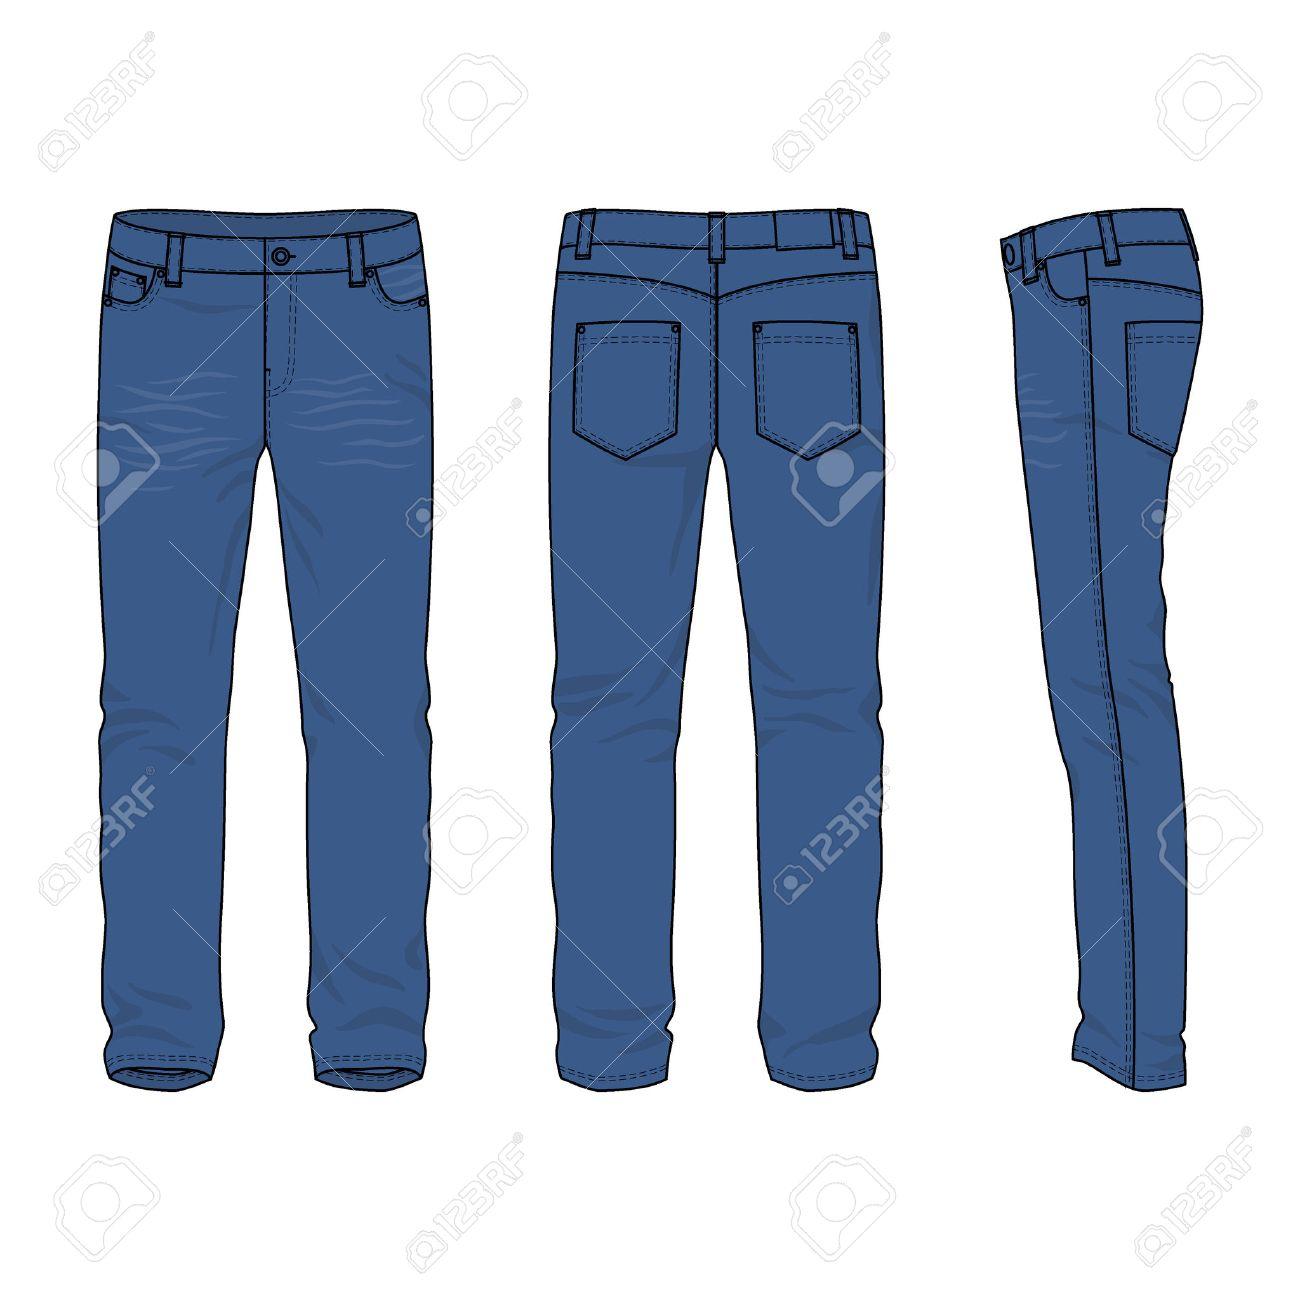 c72b5e6cf Foto de archivo - Frontal, posterior y lateral de los pantalones vaqueros  de los hombres en blanco. Ilustración del vector. Aislado en blanco.